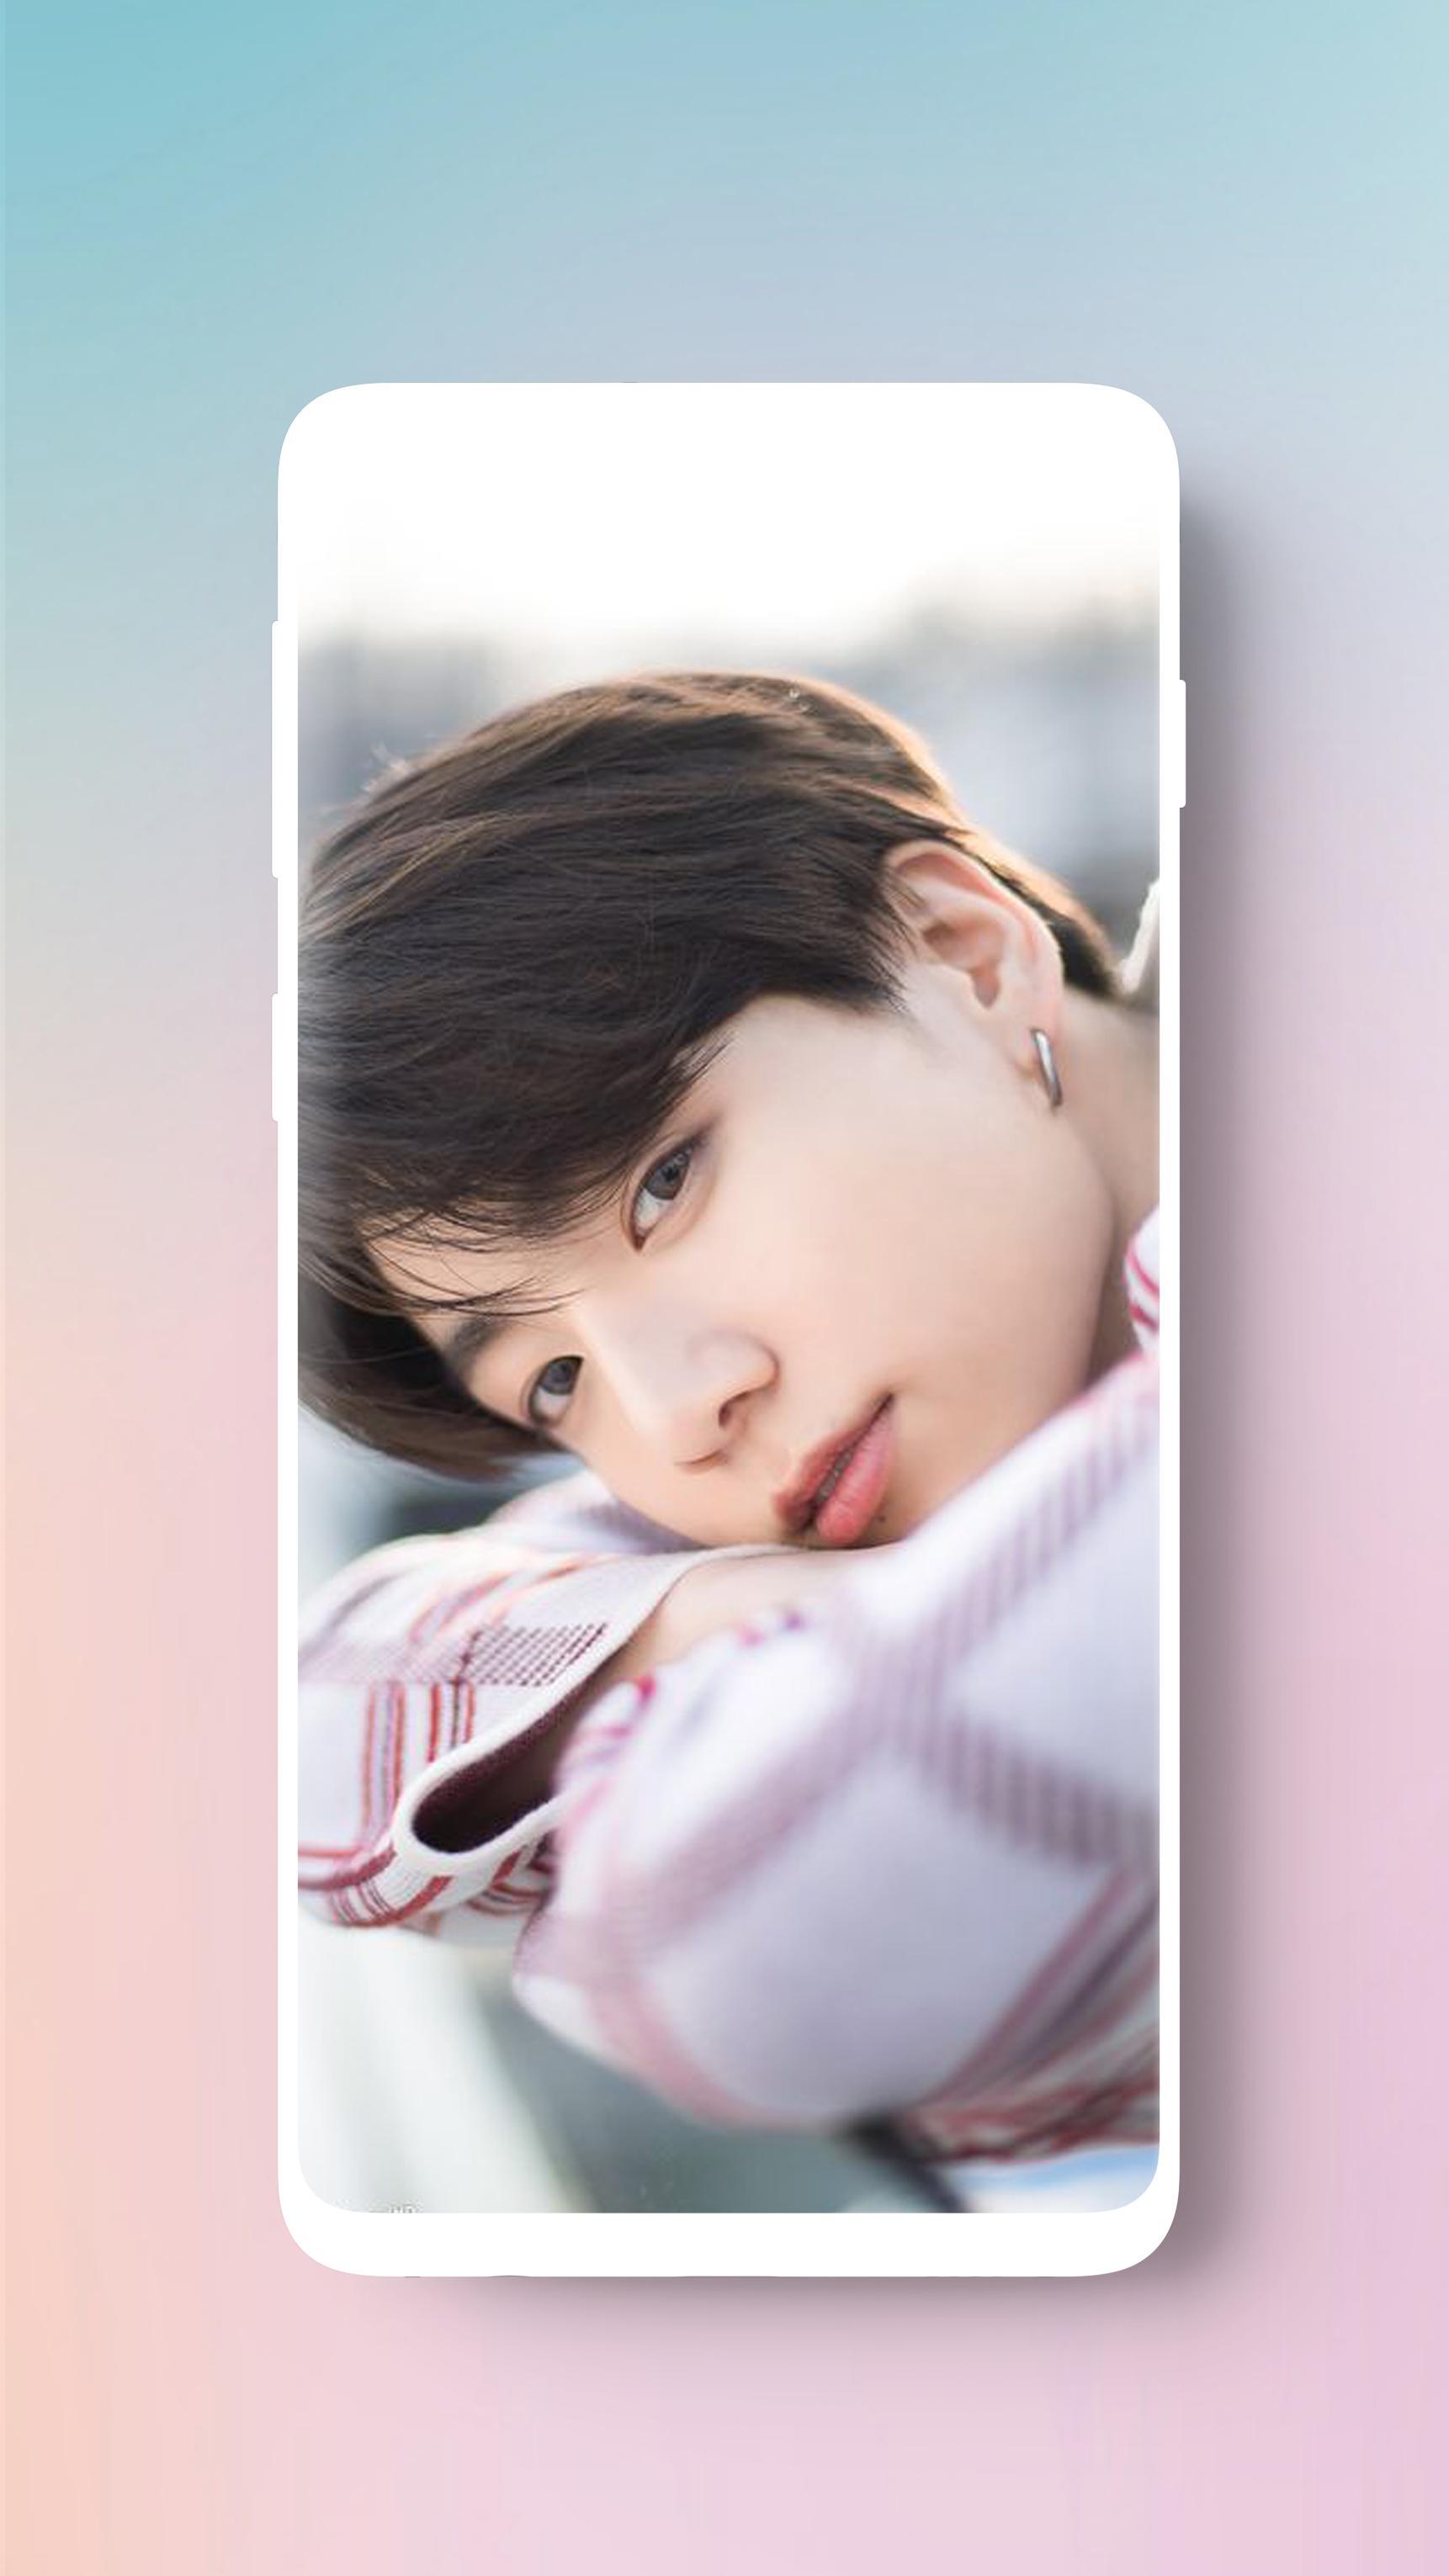 Download 4000 Wallpaper Bts Jungkook 2019 HD Gratis